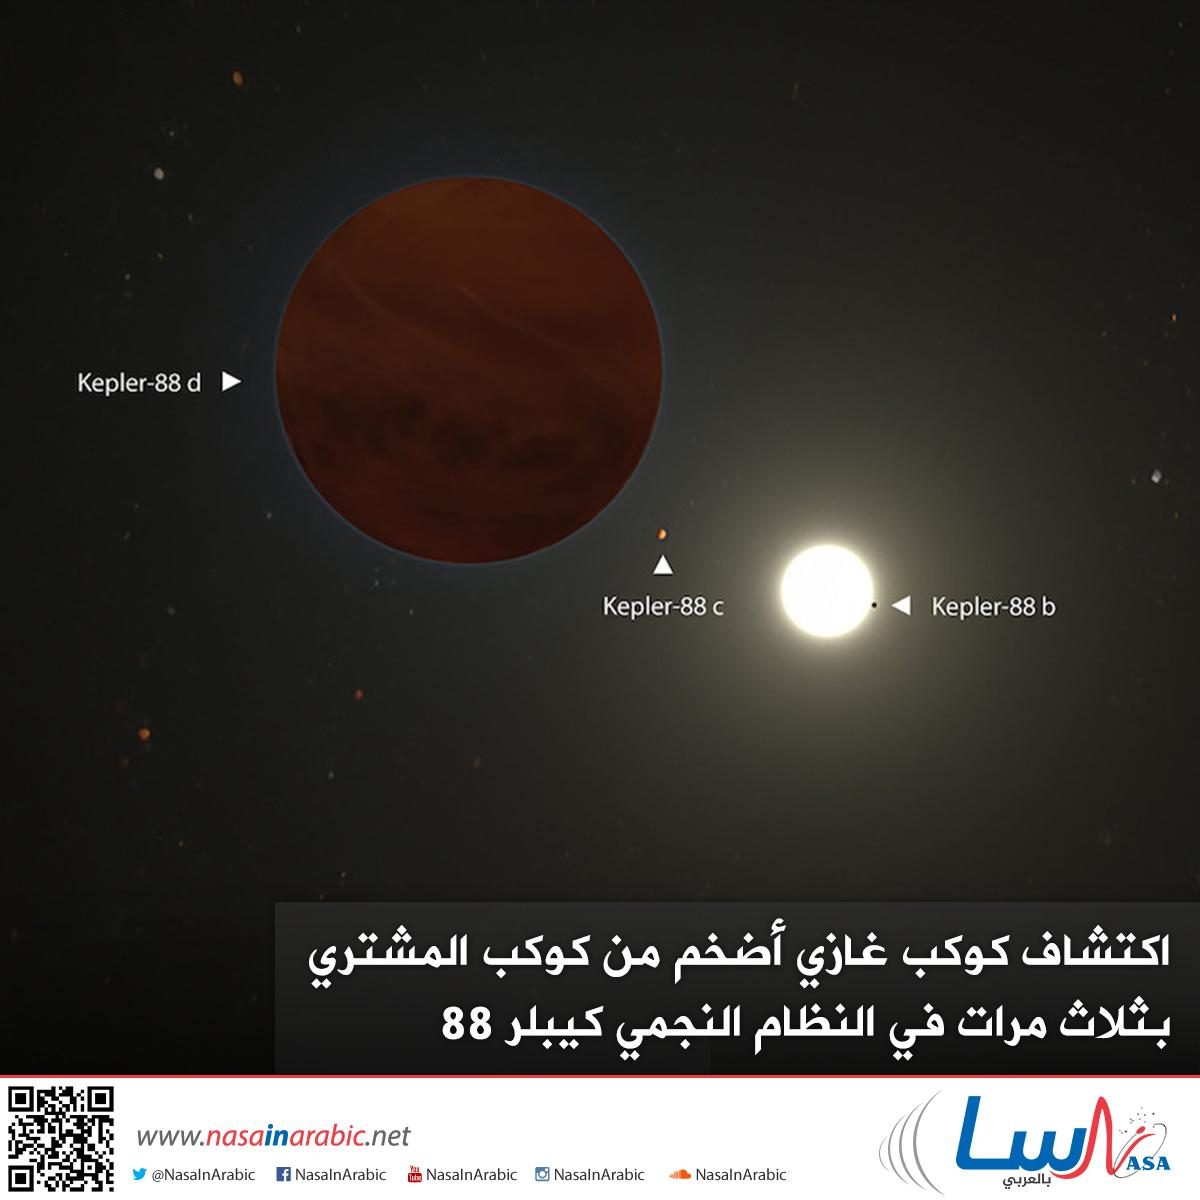 اكتشاف كوكب غازي أضخم من كوكب المشتري بثلاث مرّات في النظام النجمي كيبلر 88